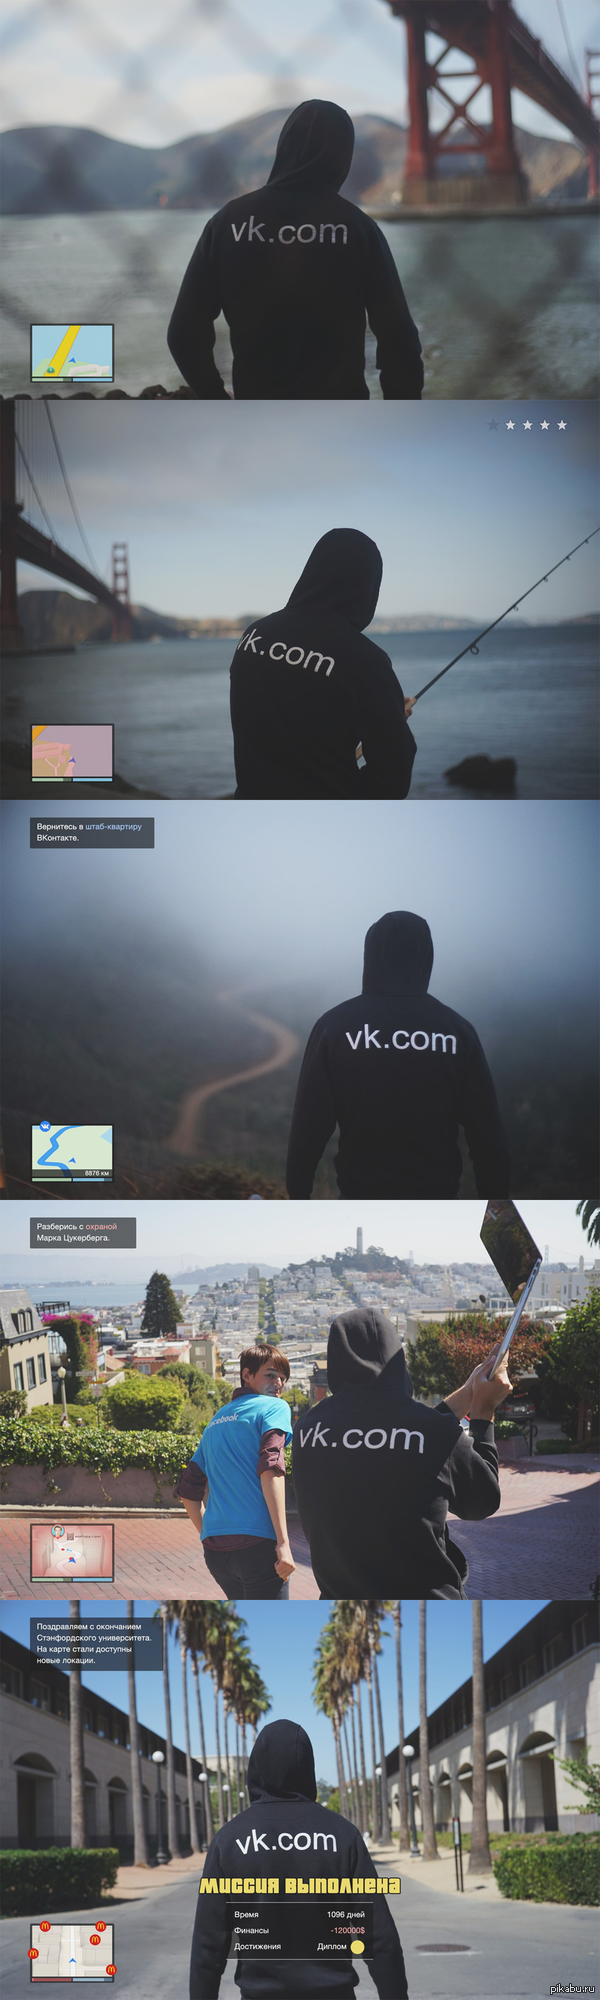 Фотографии в стиле GTA Дизайнеры ВКонтакте ездили в Сан-Франциско на конференцию и сделали подборку фотографий.